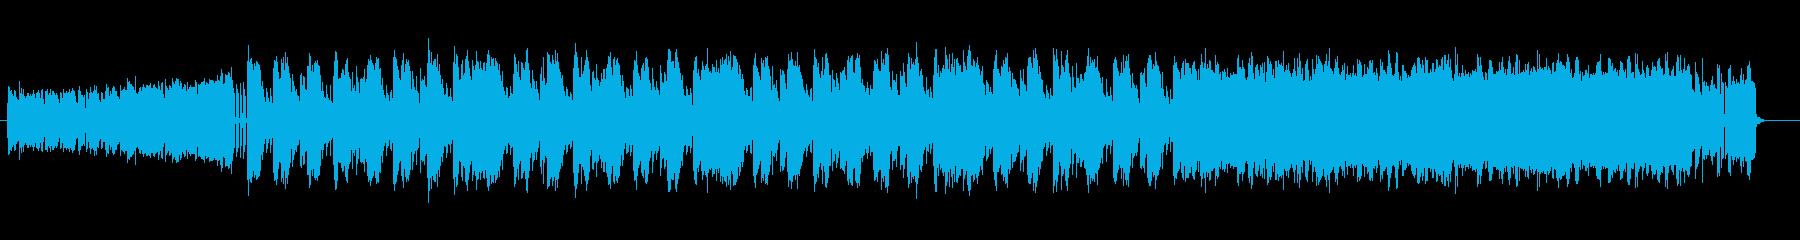 戦闘 バトル サイバー ロック 60秒版の再生済みの波形